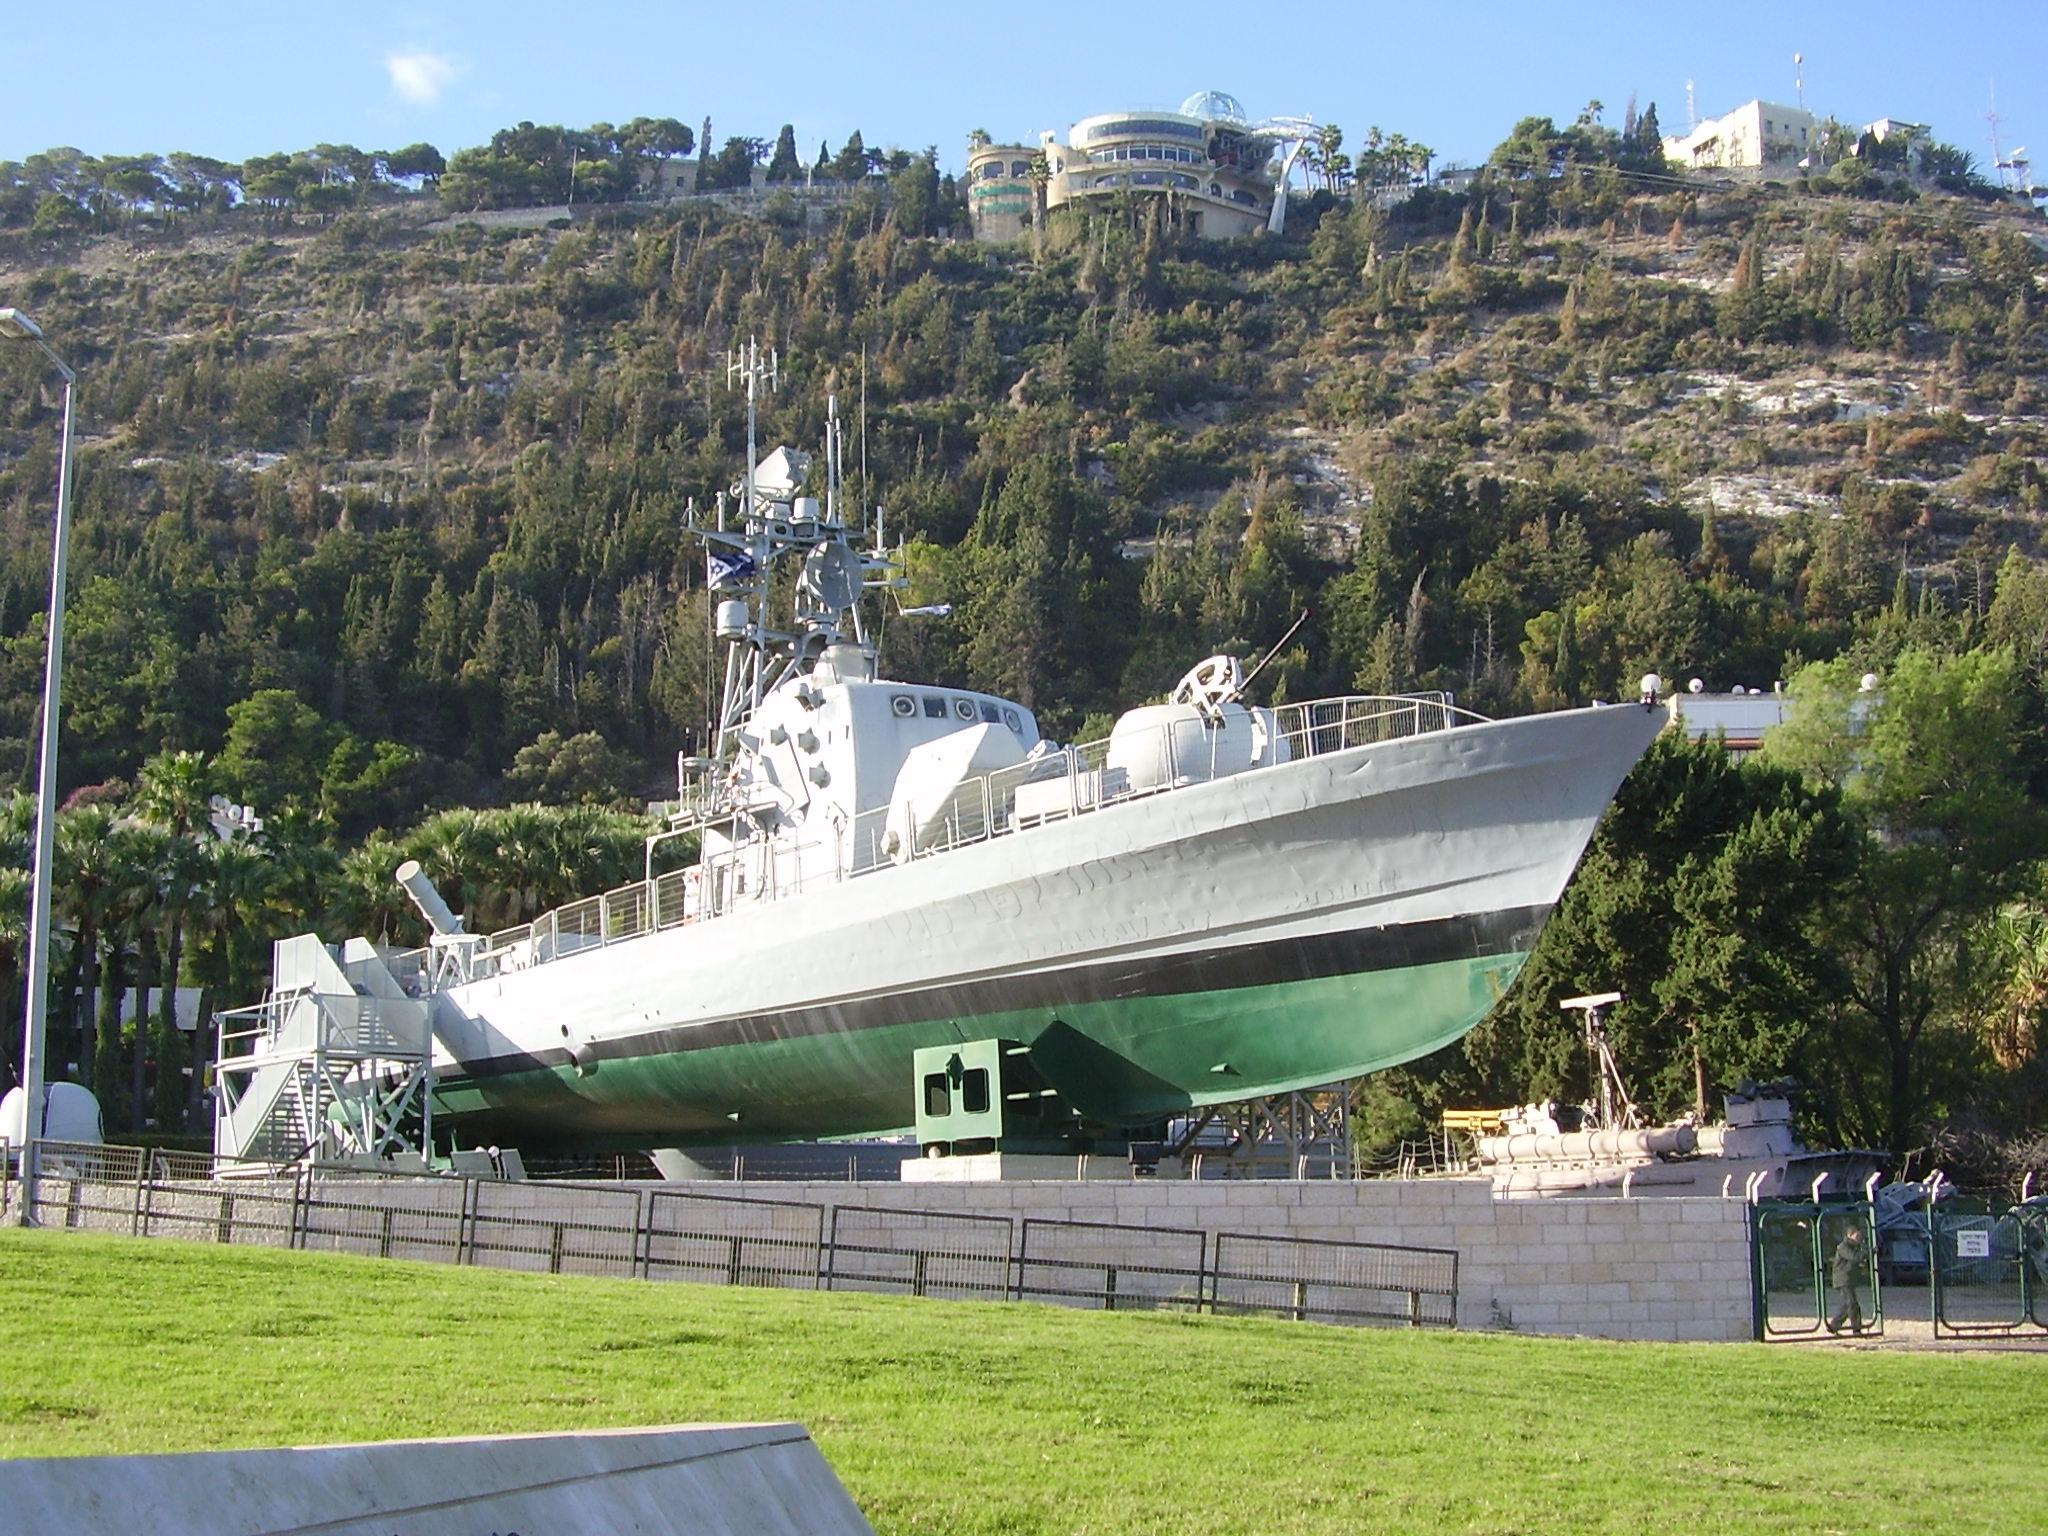 Filepikiwiki Israel 10474 Missile Ship Quot;mivtakhquot;jpg